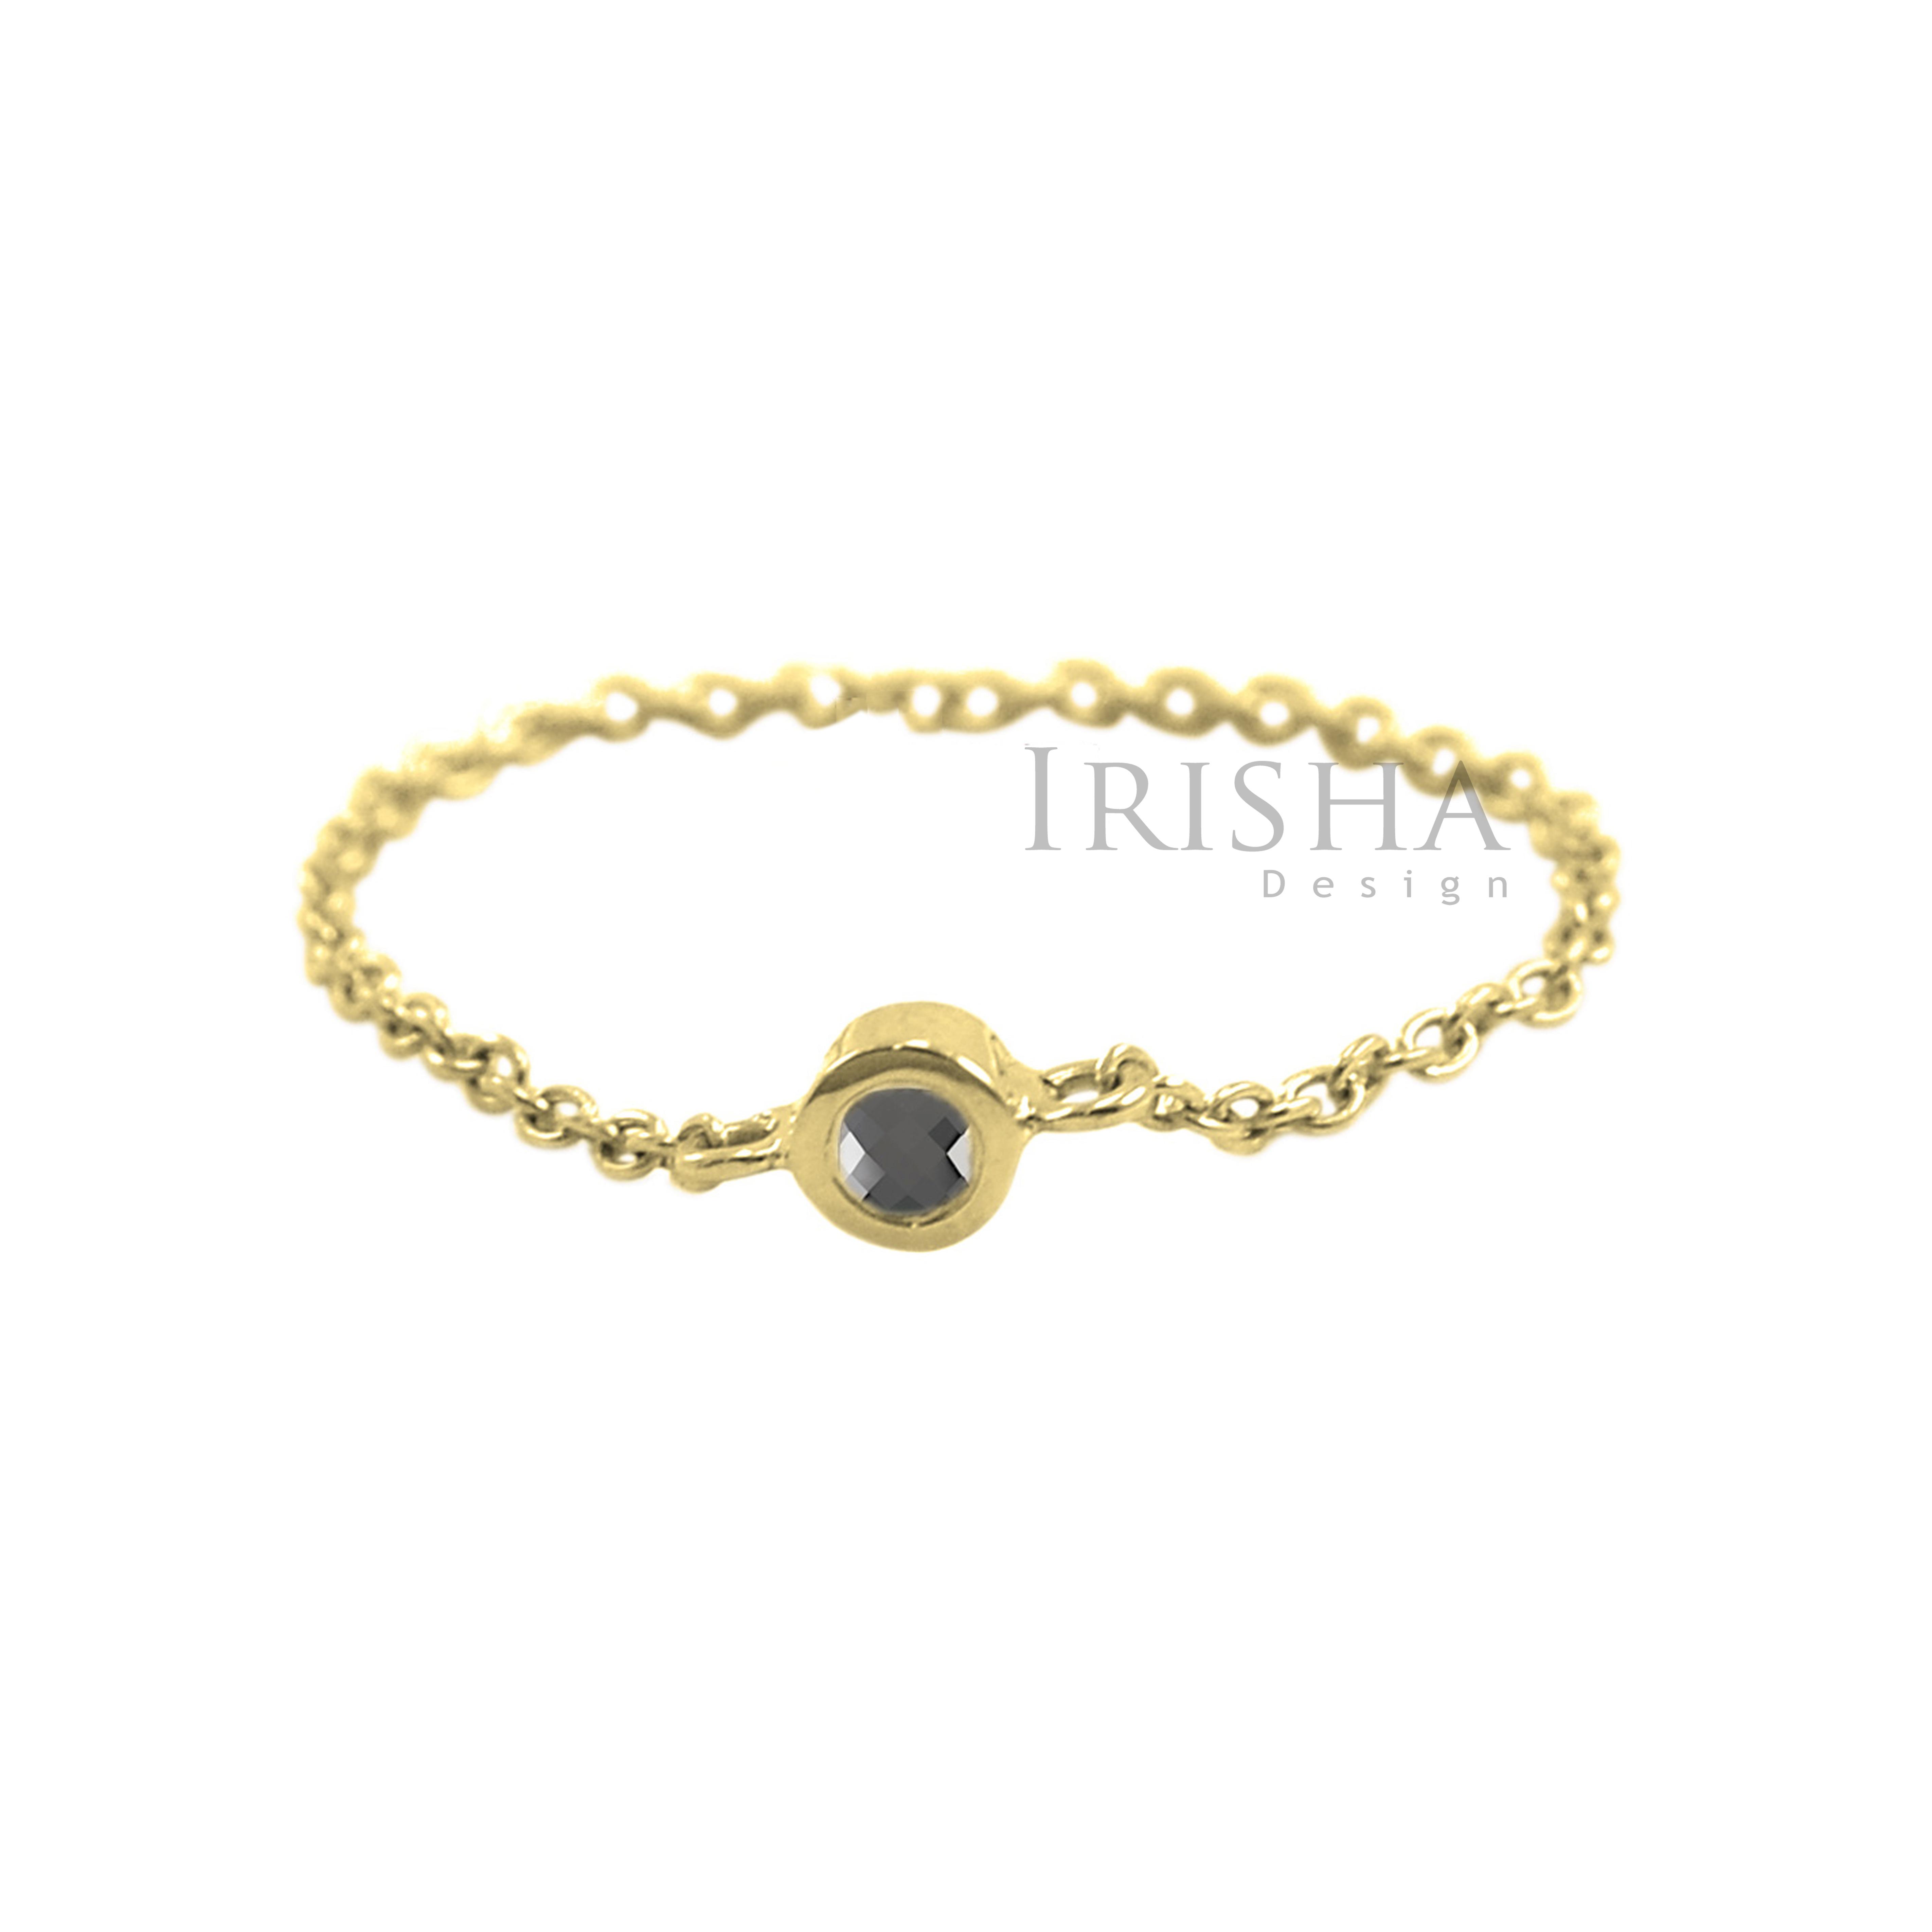 14K Yellow Gold 0.03 Ct. Genuine Black Diamond Link Chain Ring Handmade 6.25 US